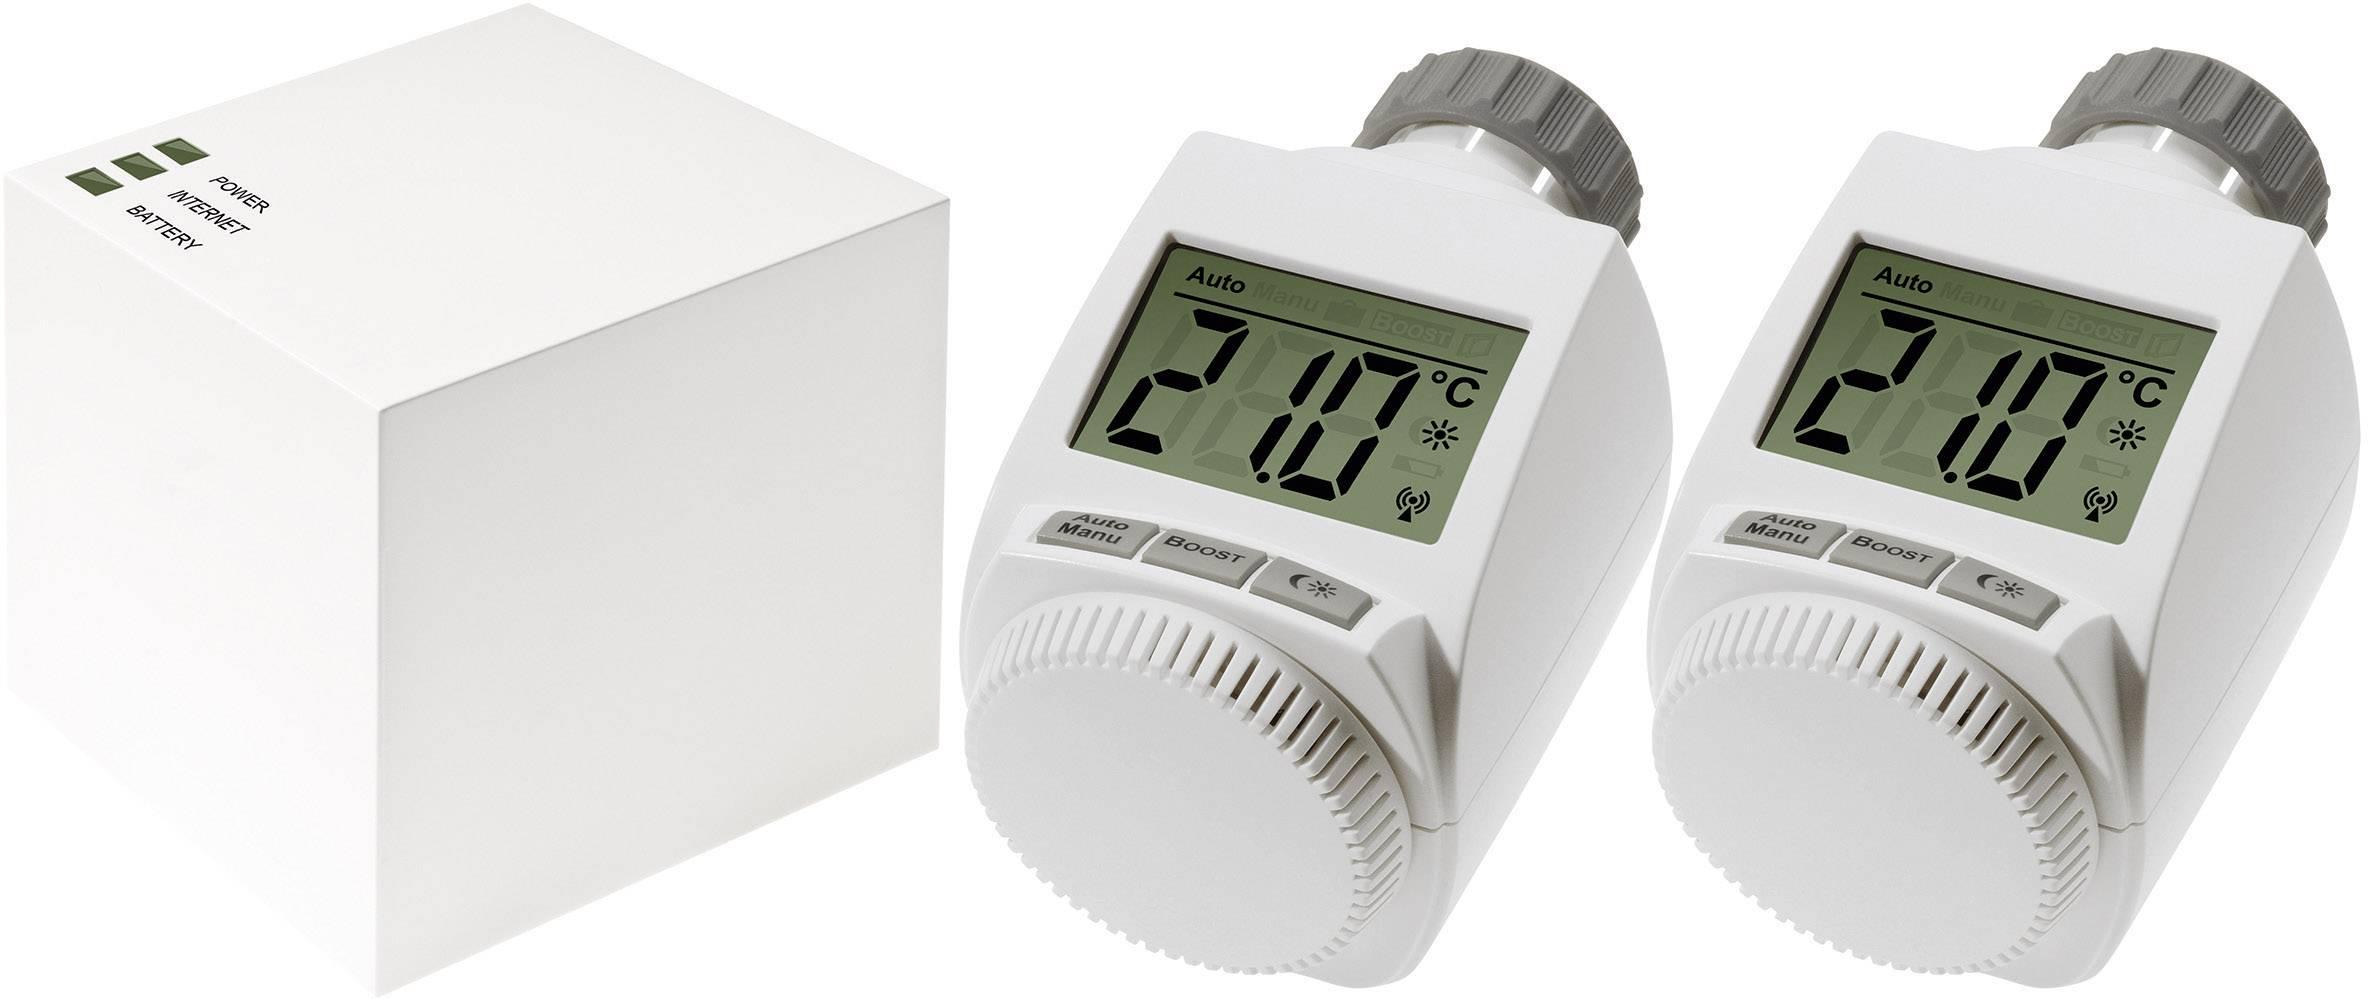 Sada s bezdrôtovou termostatickou hlavicou MAX! MAX!